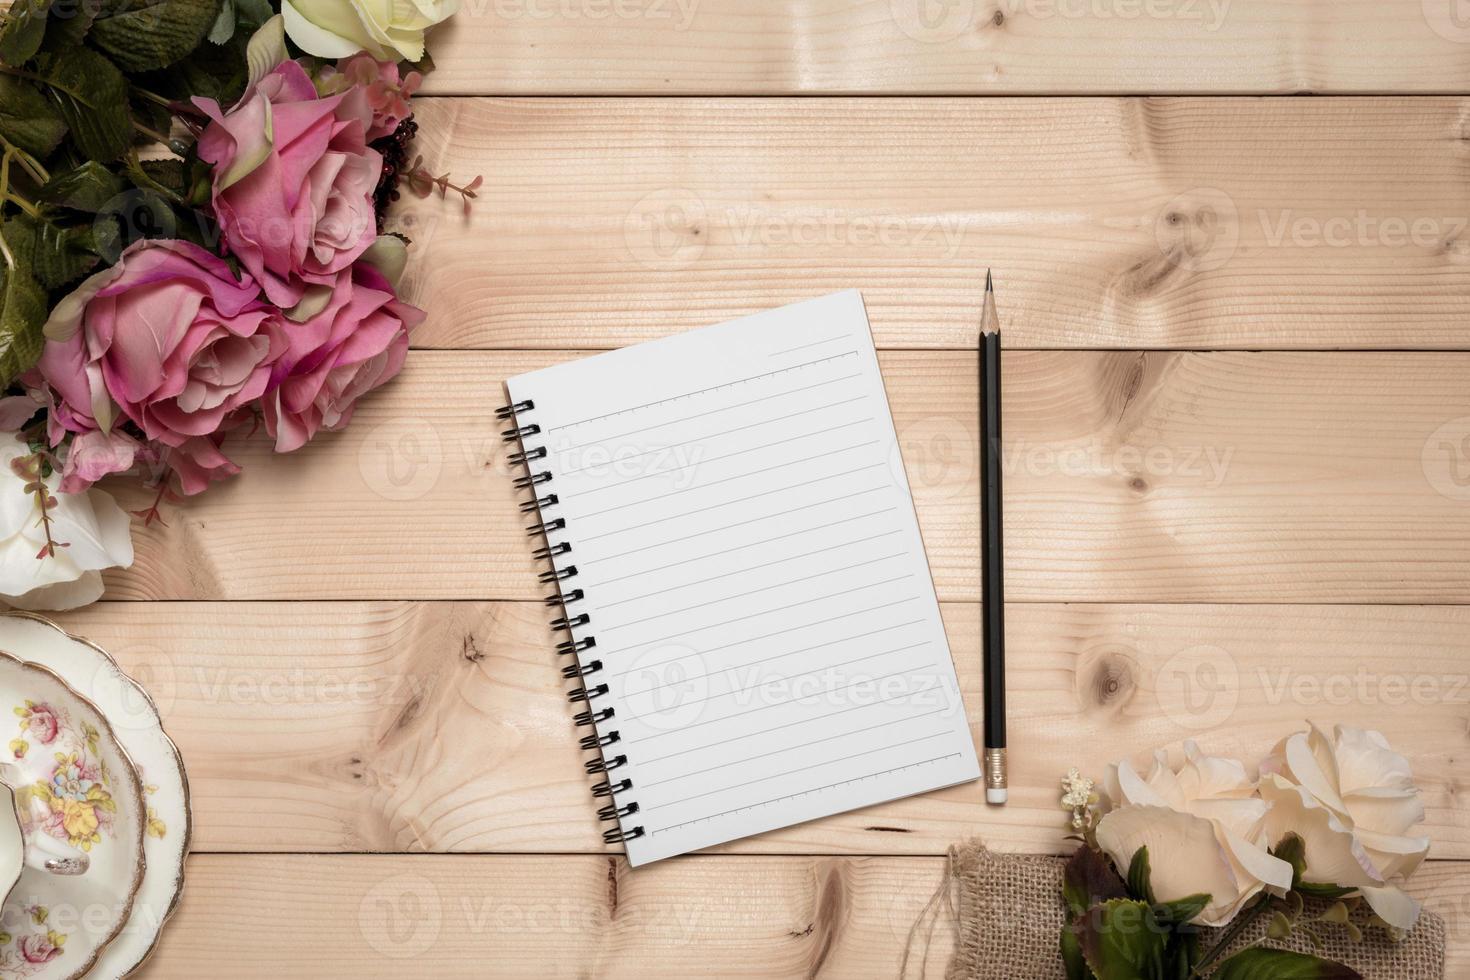 blocco note con la matita sullo sfondo di legno foto